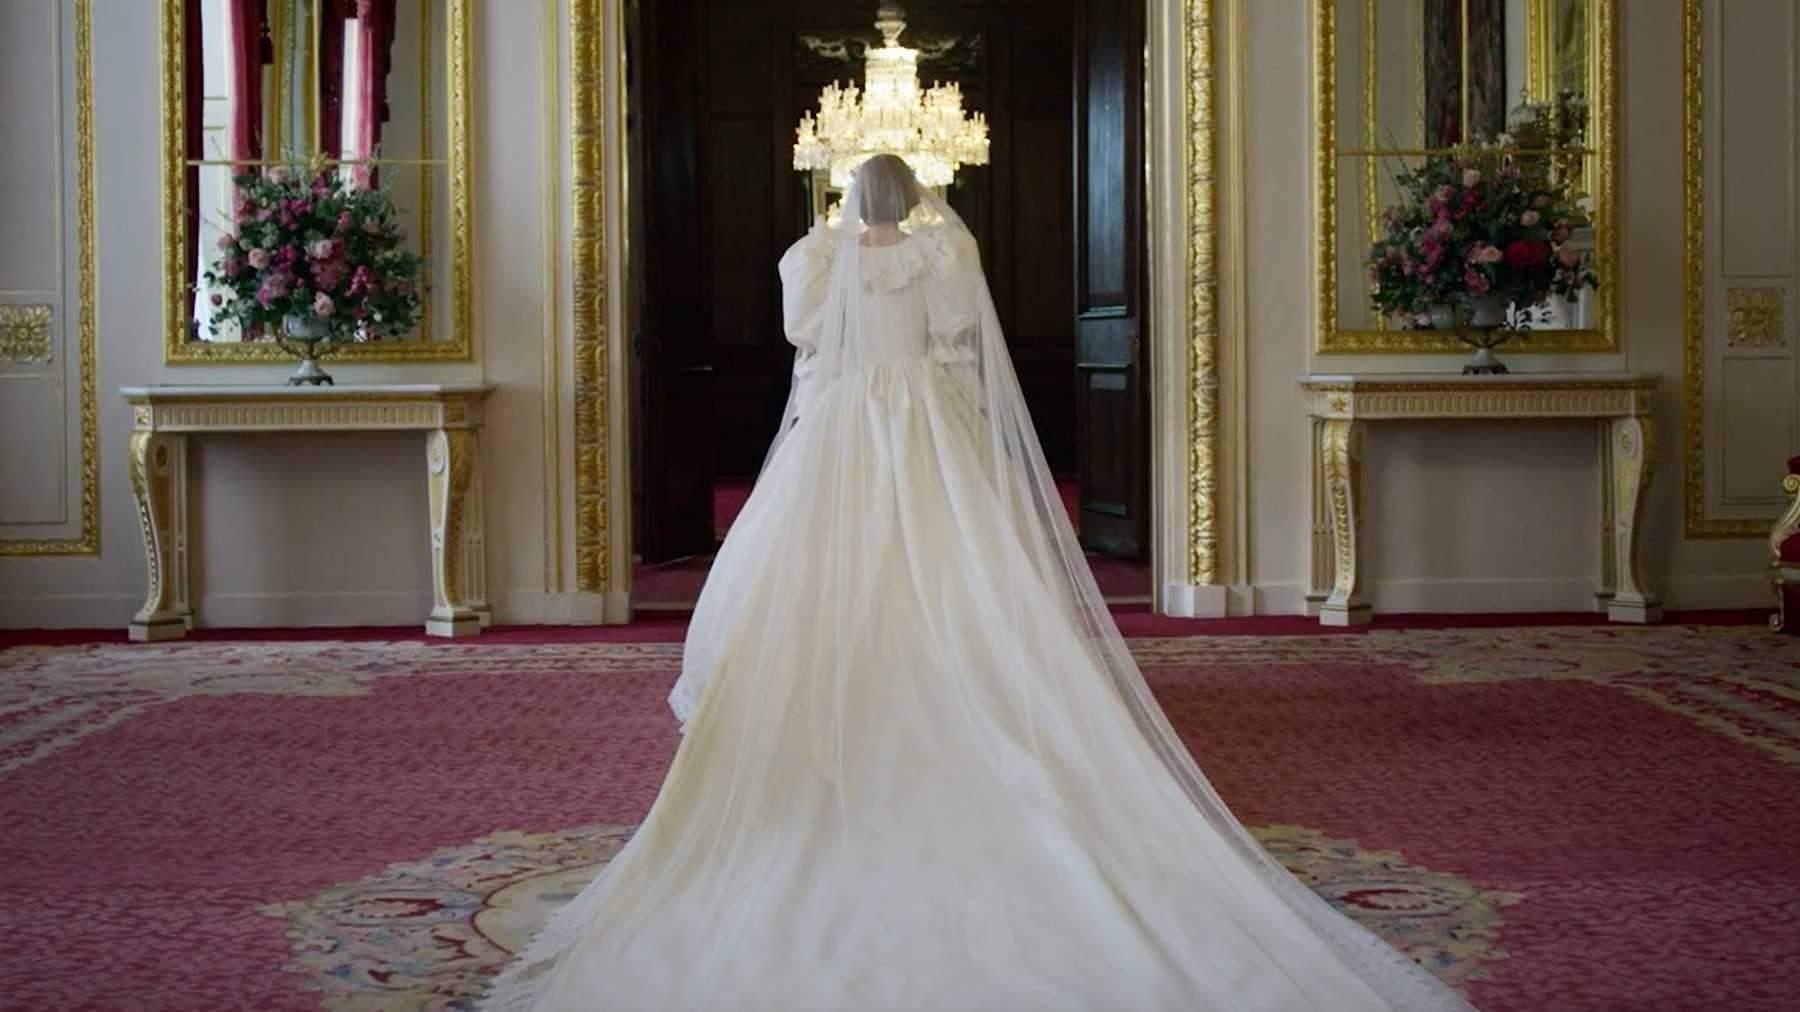 Весільна сукня принцеси Діани у серіалі